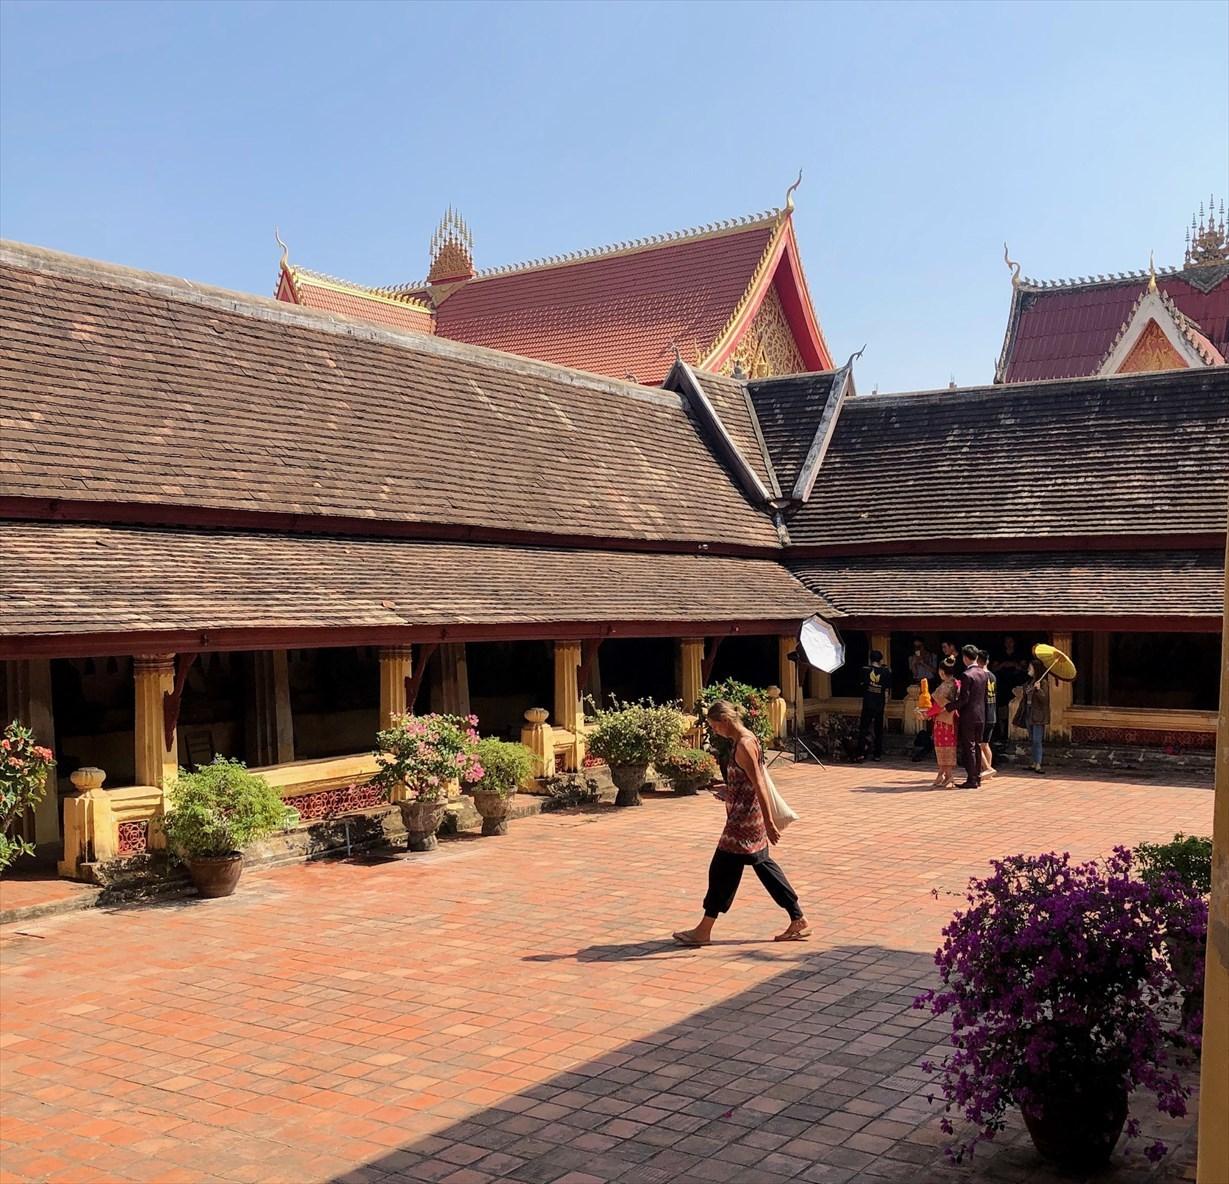 ラオスの旅 5 ビエンチャン最古の寺 ワット・シーサケート_a0092659_15582091.jpg